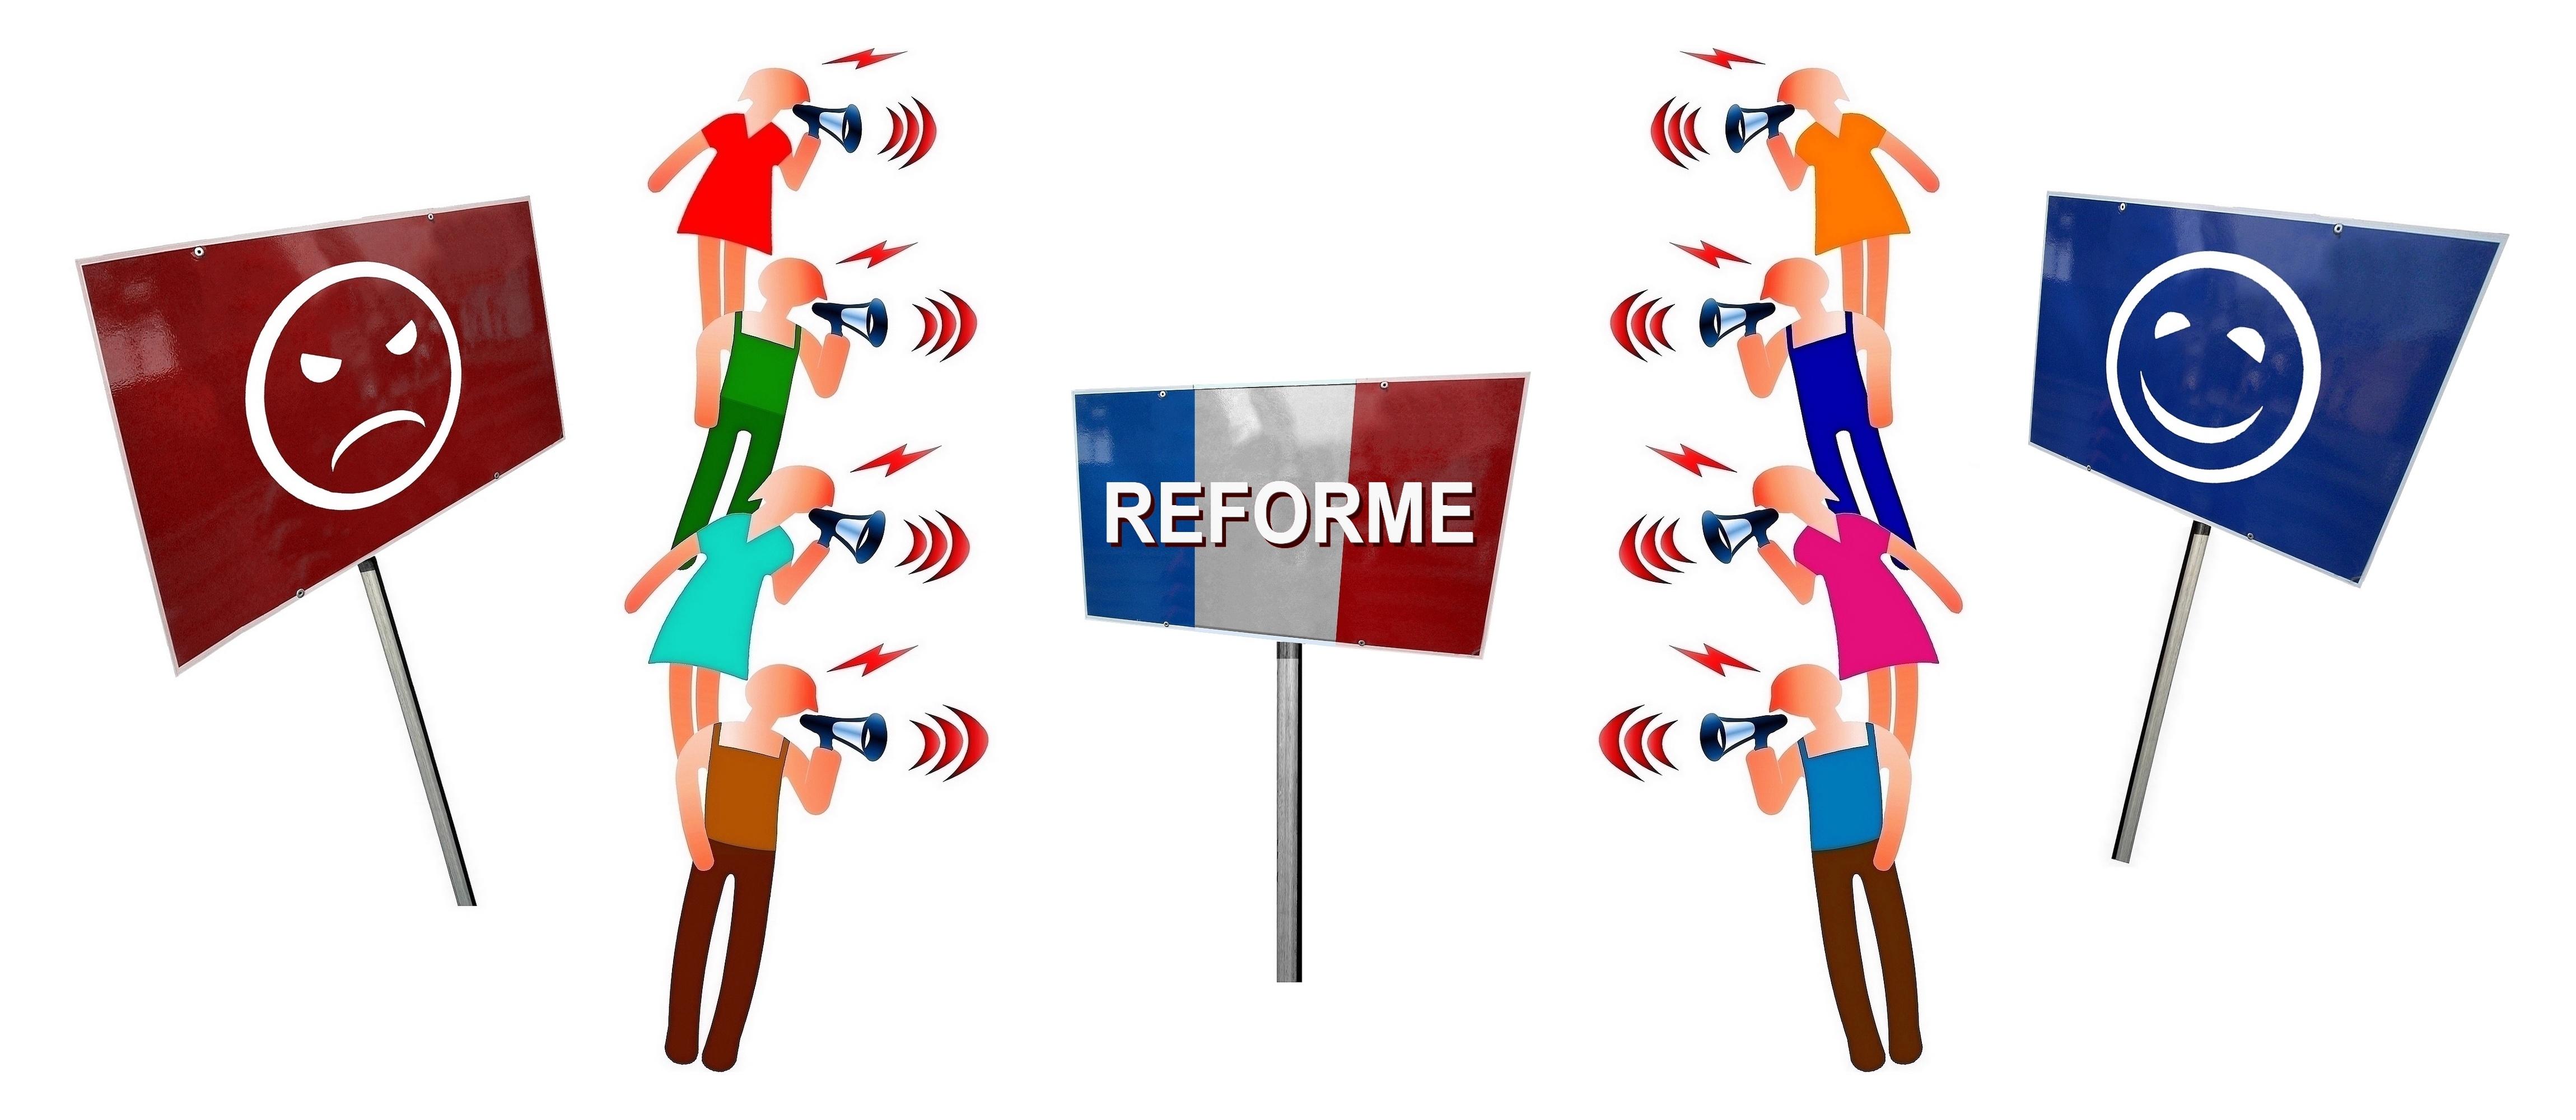 d7139675aca Réforme de la fonction publique   ce qui pourrait changer.